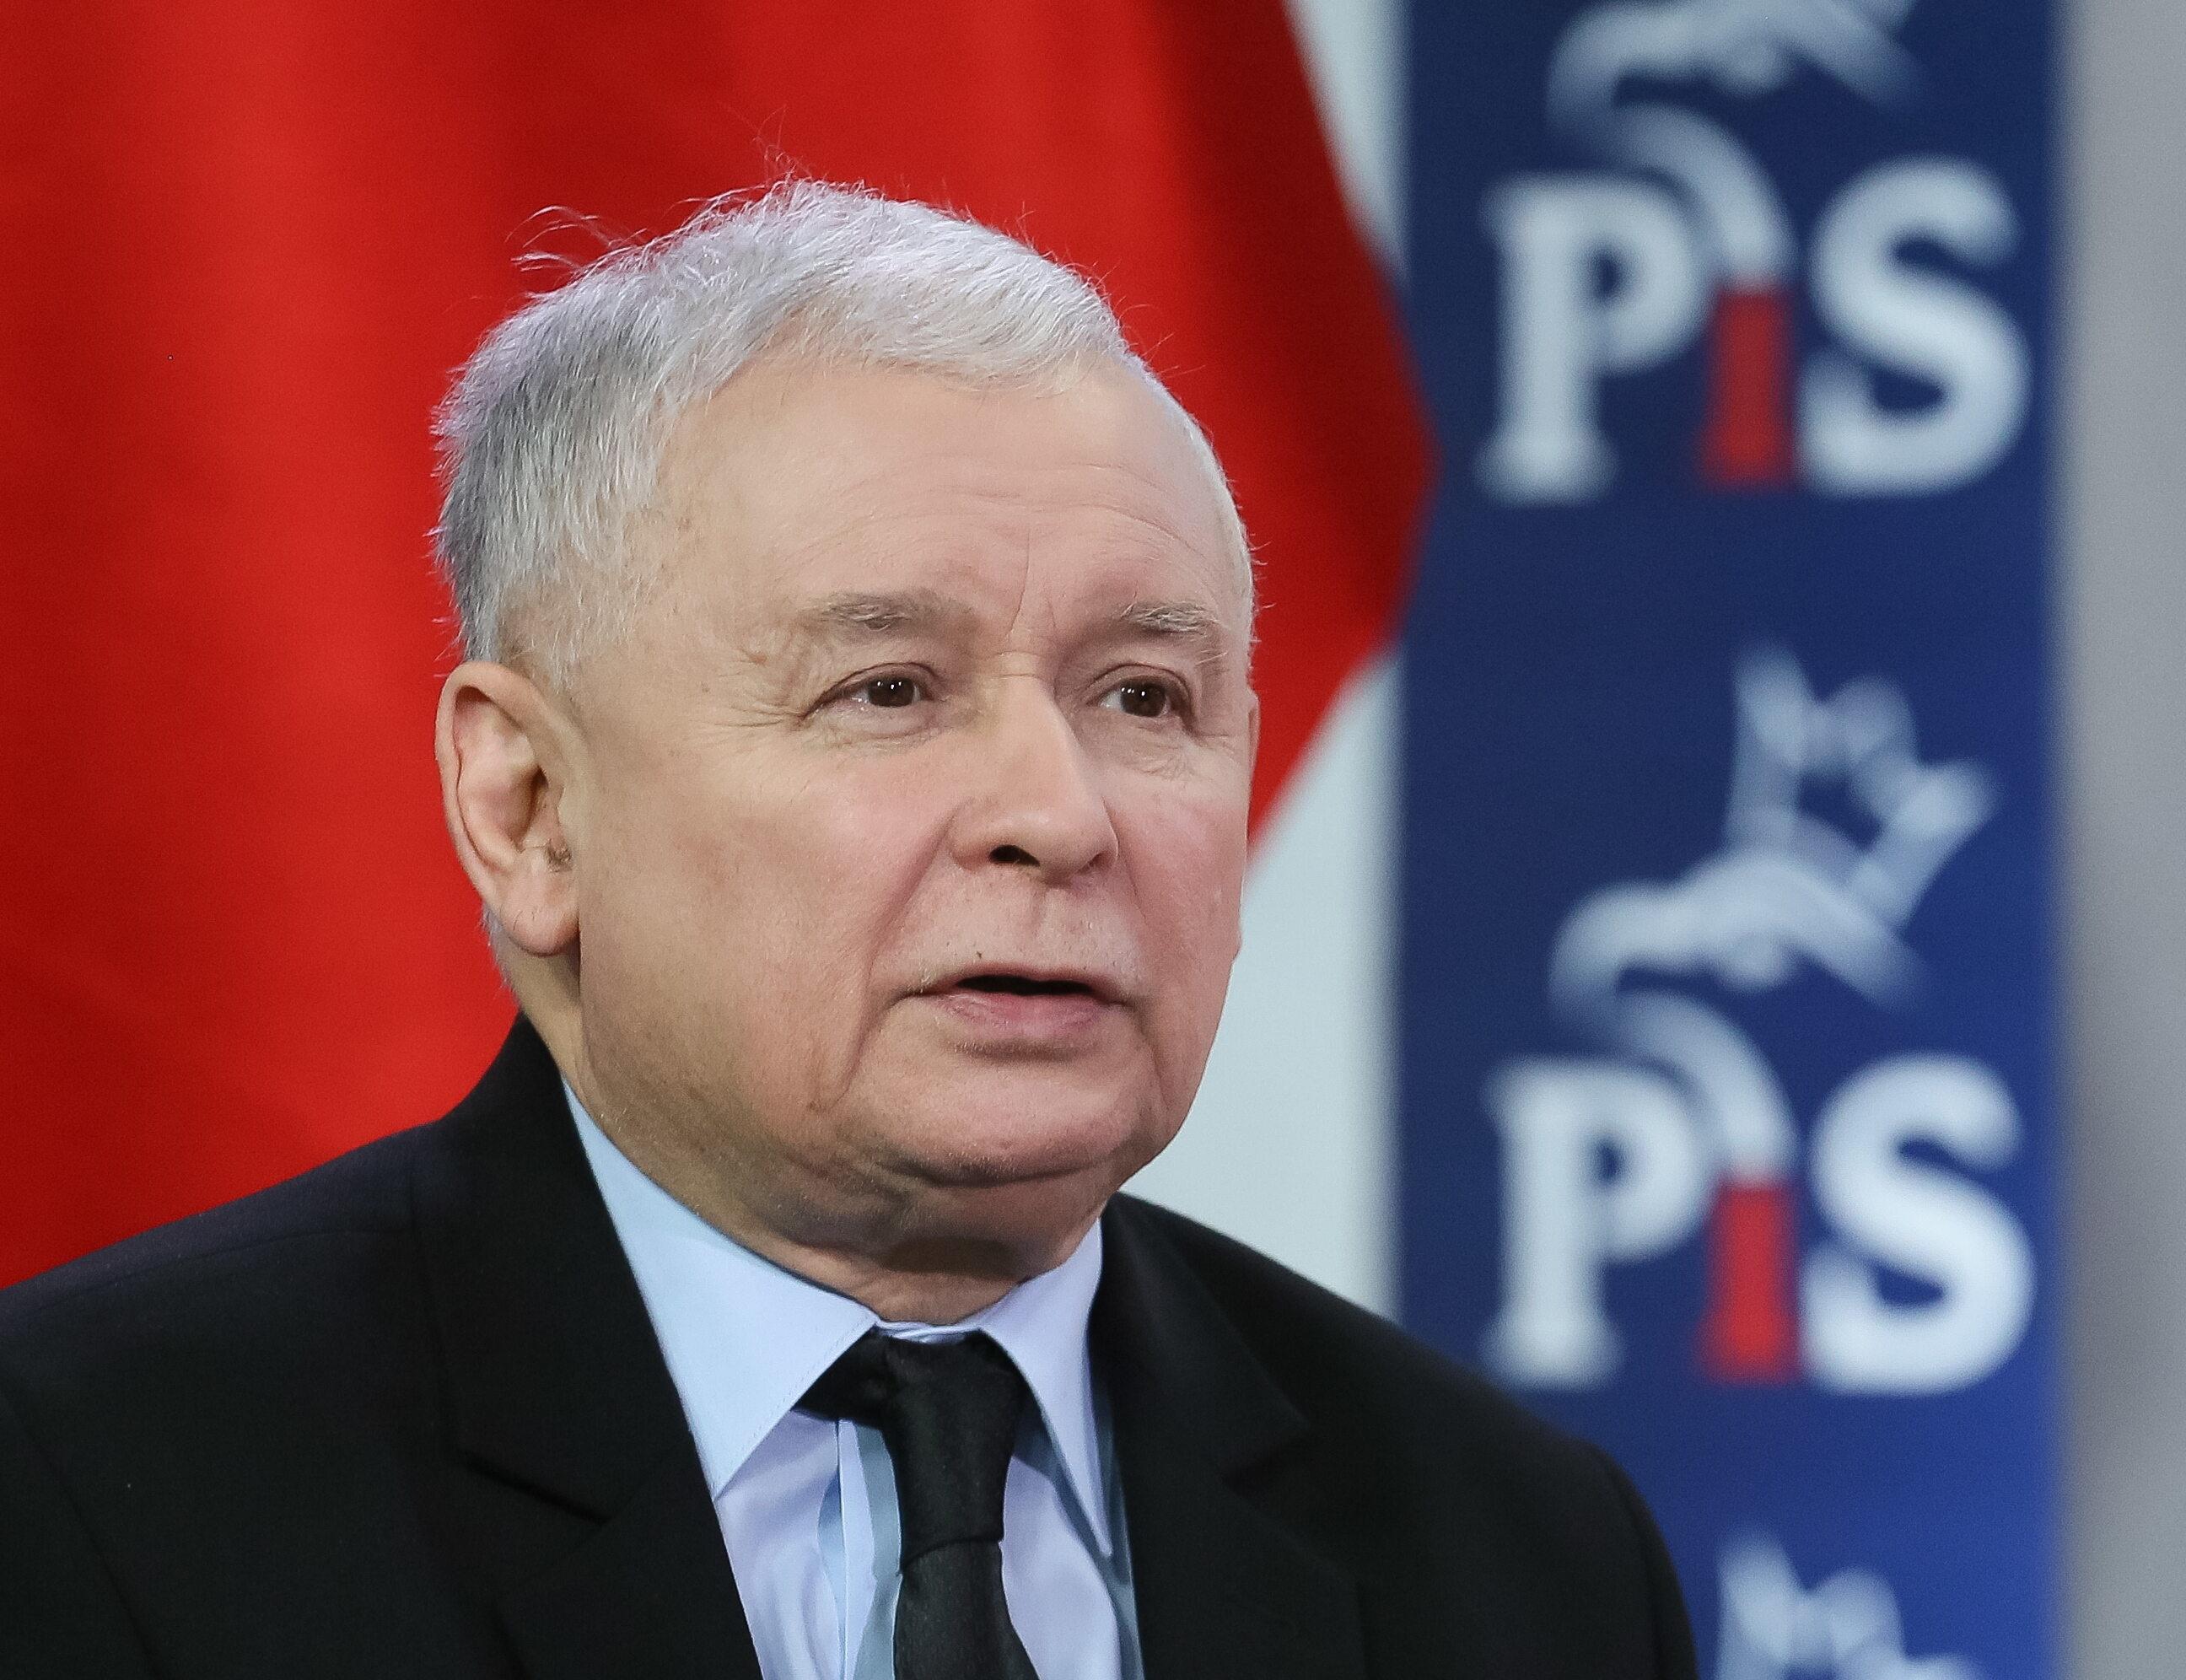 Prezez PiS Jarosław Kaczyński